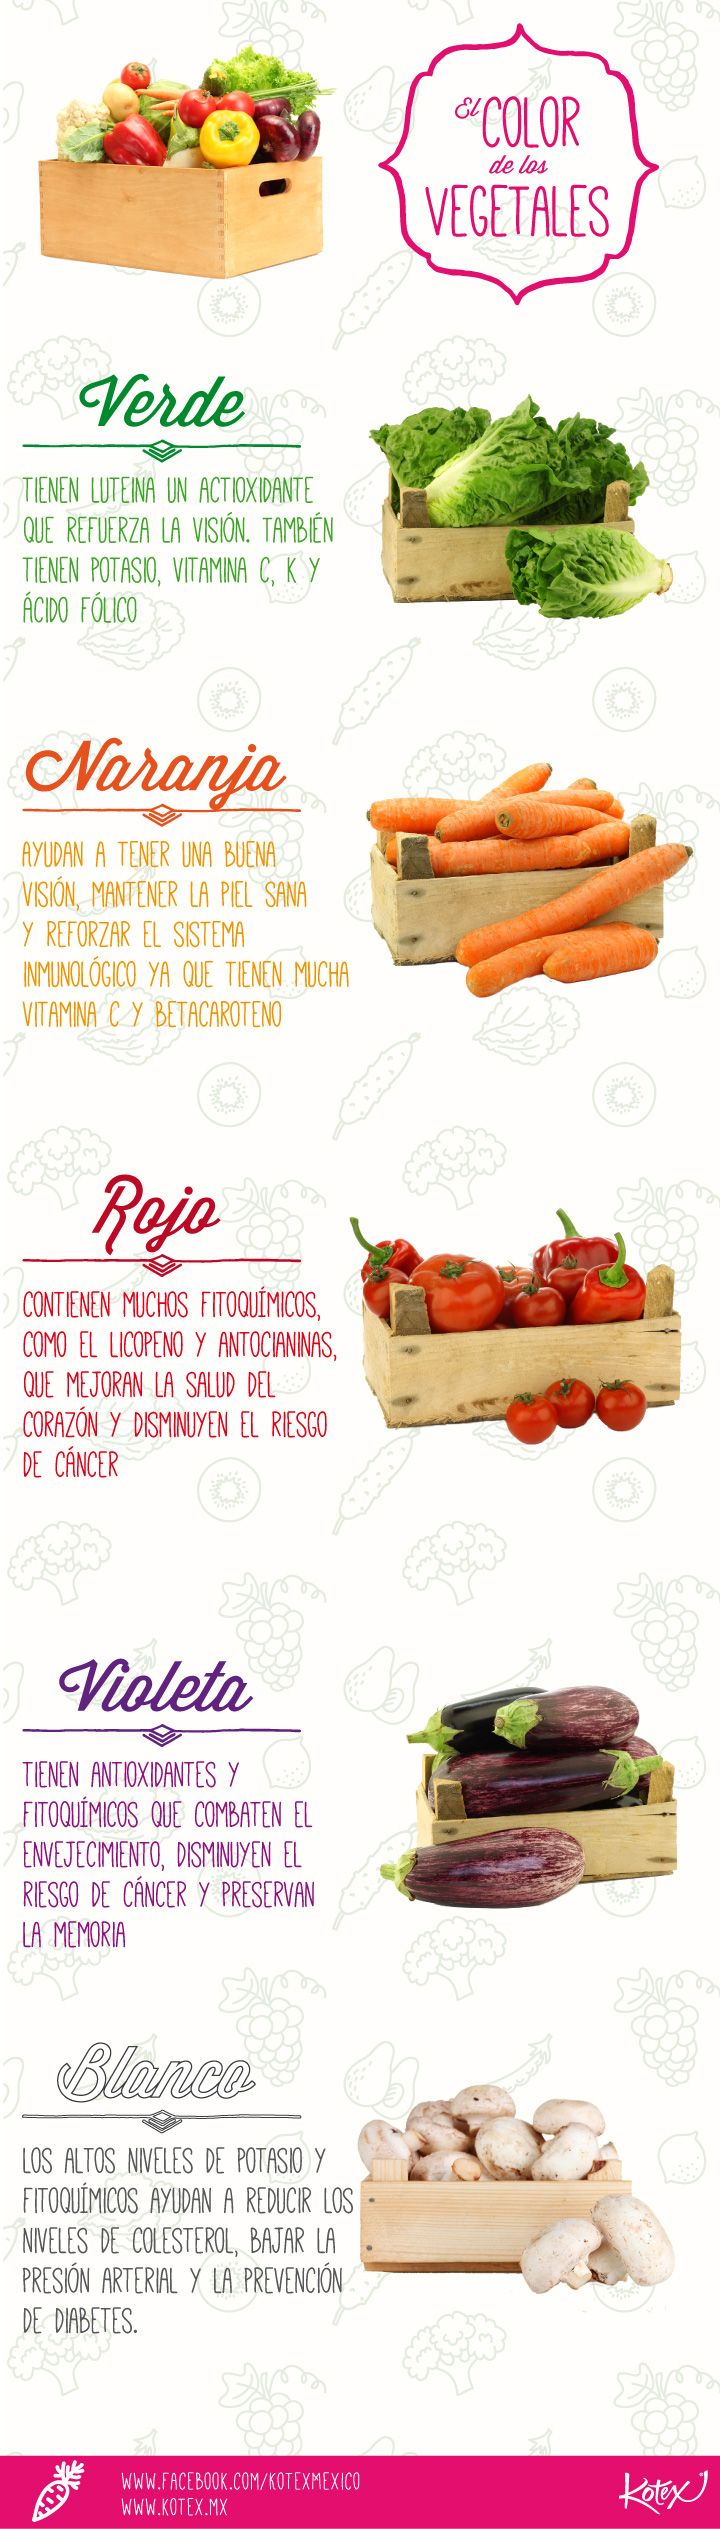 Los #vegetales. y sus colores #infografia #nutricion #salud #health